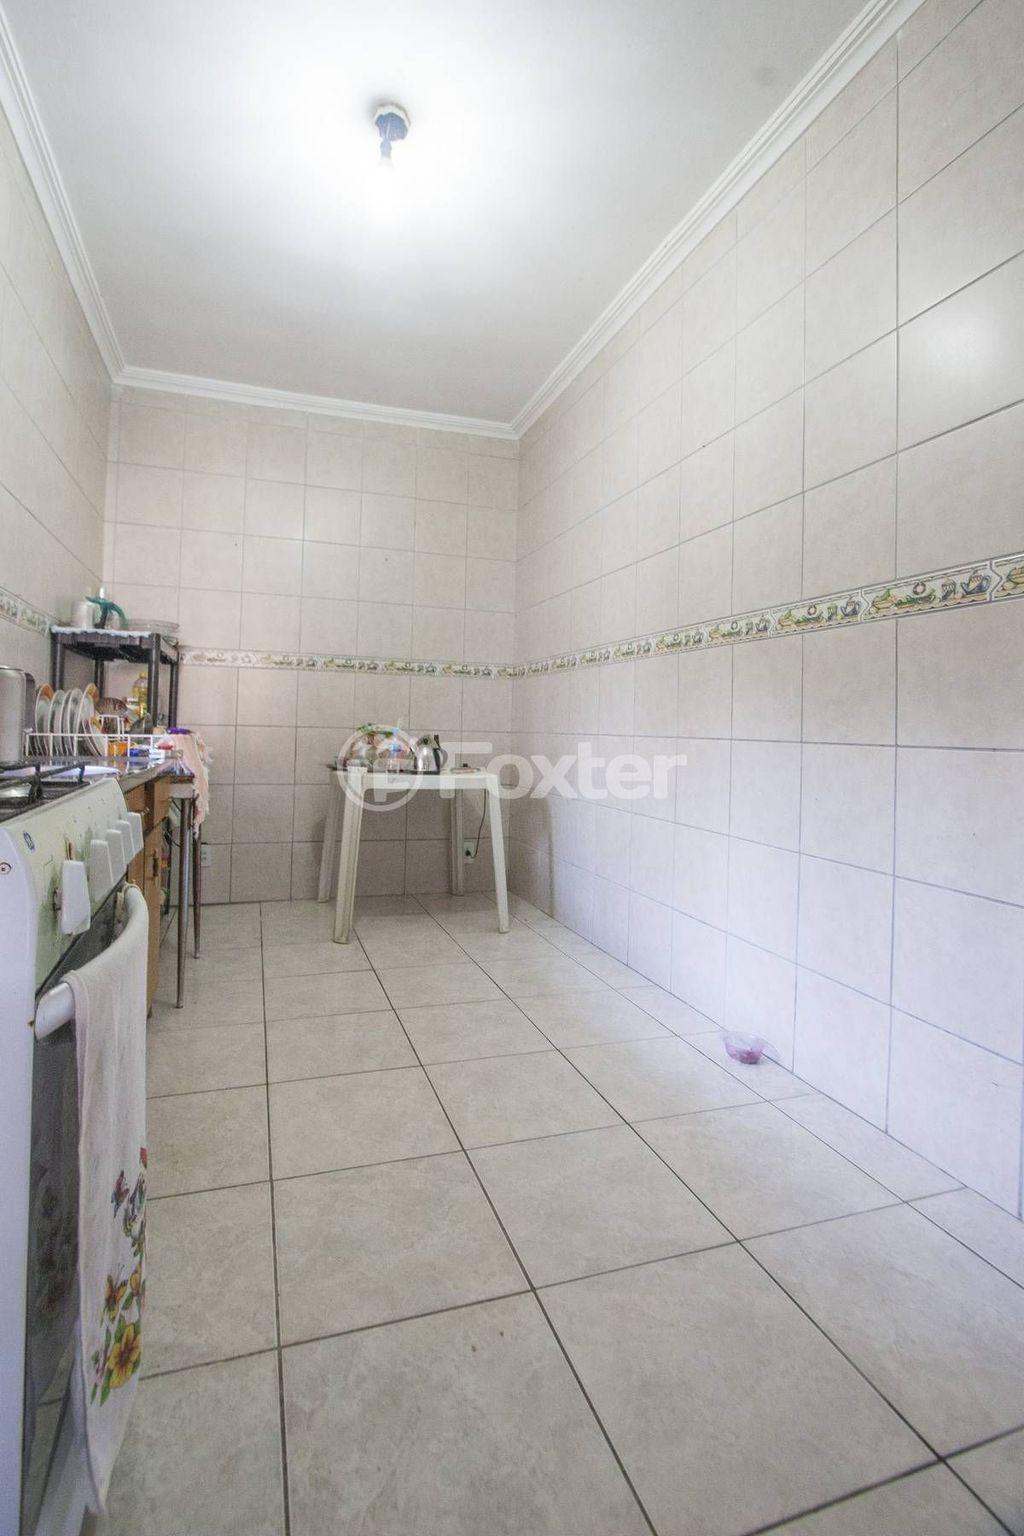 Casa 4 Dorm, Parque da Matriz, Cachoeirinha (116987) - Foto 19